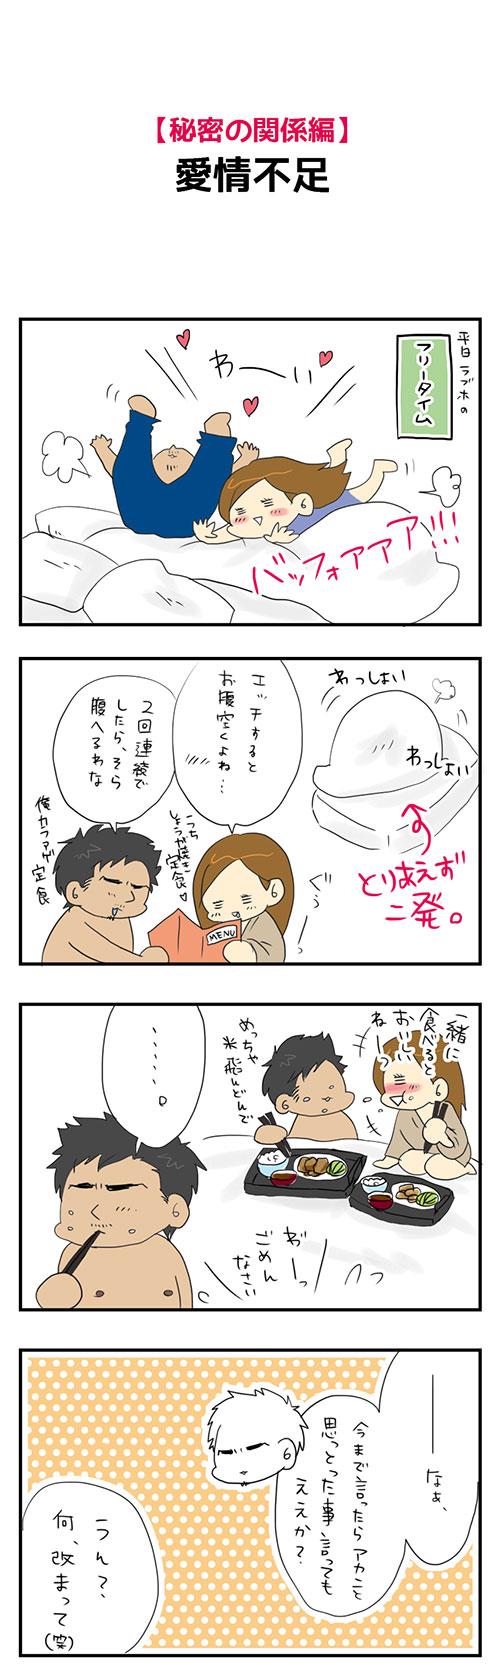 20141123_1.jpg